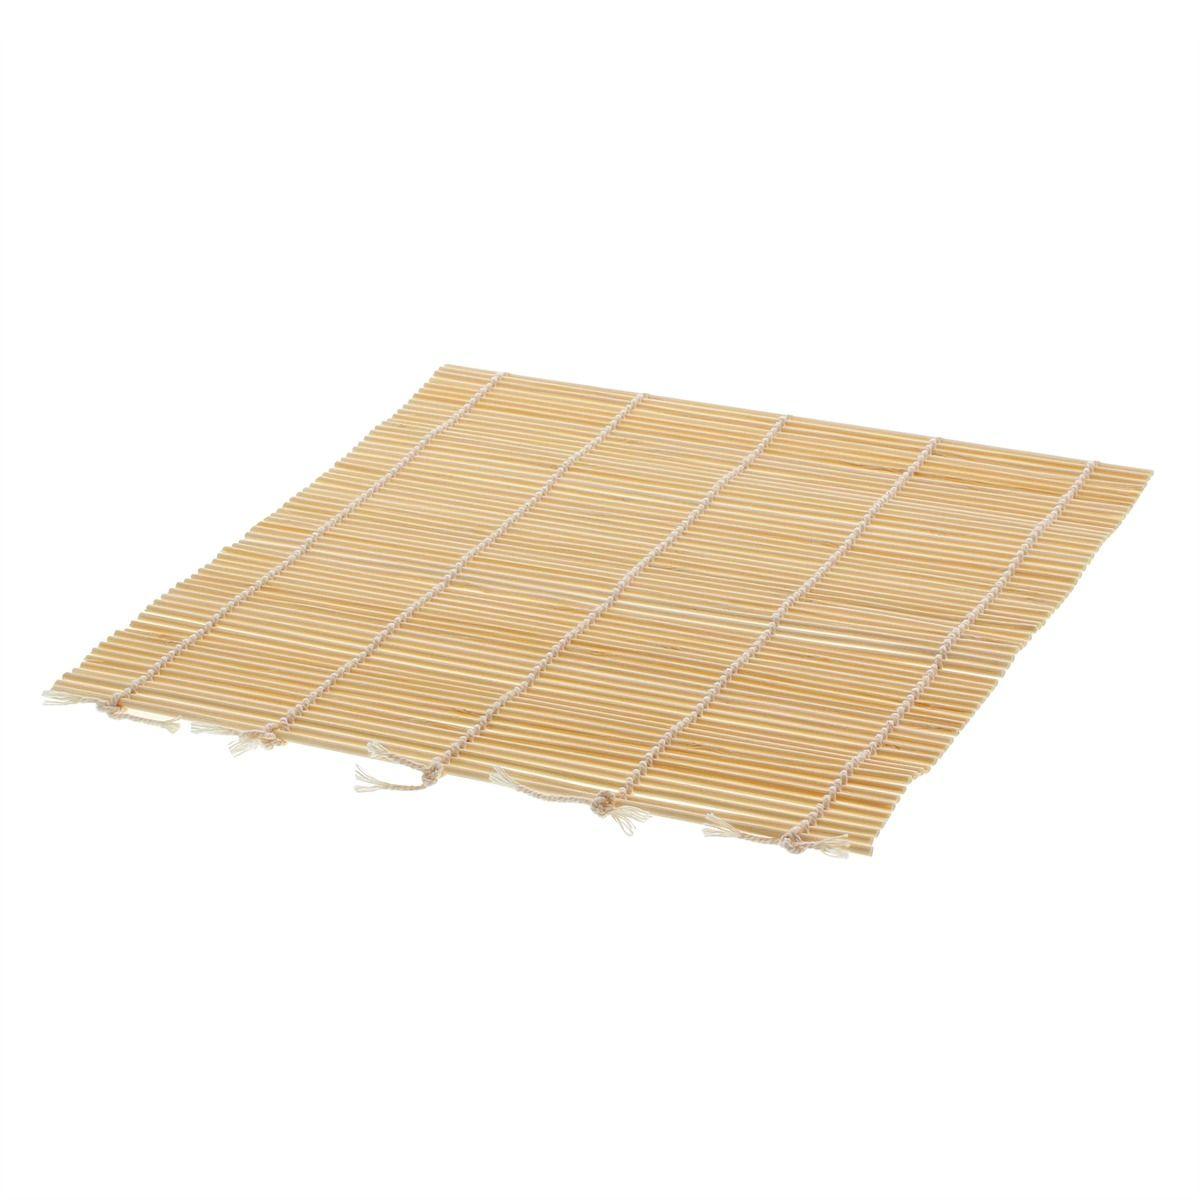 Natte en bambou - Zodio